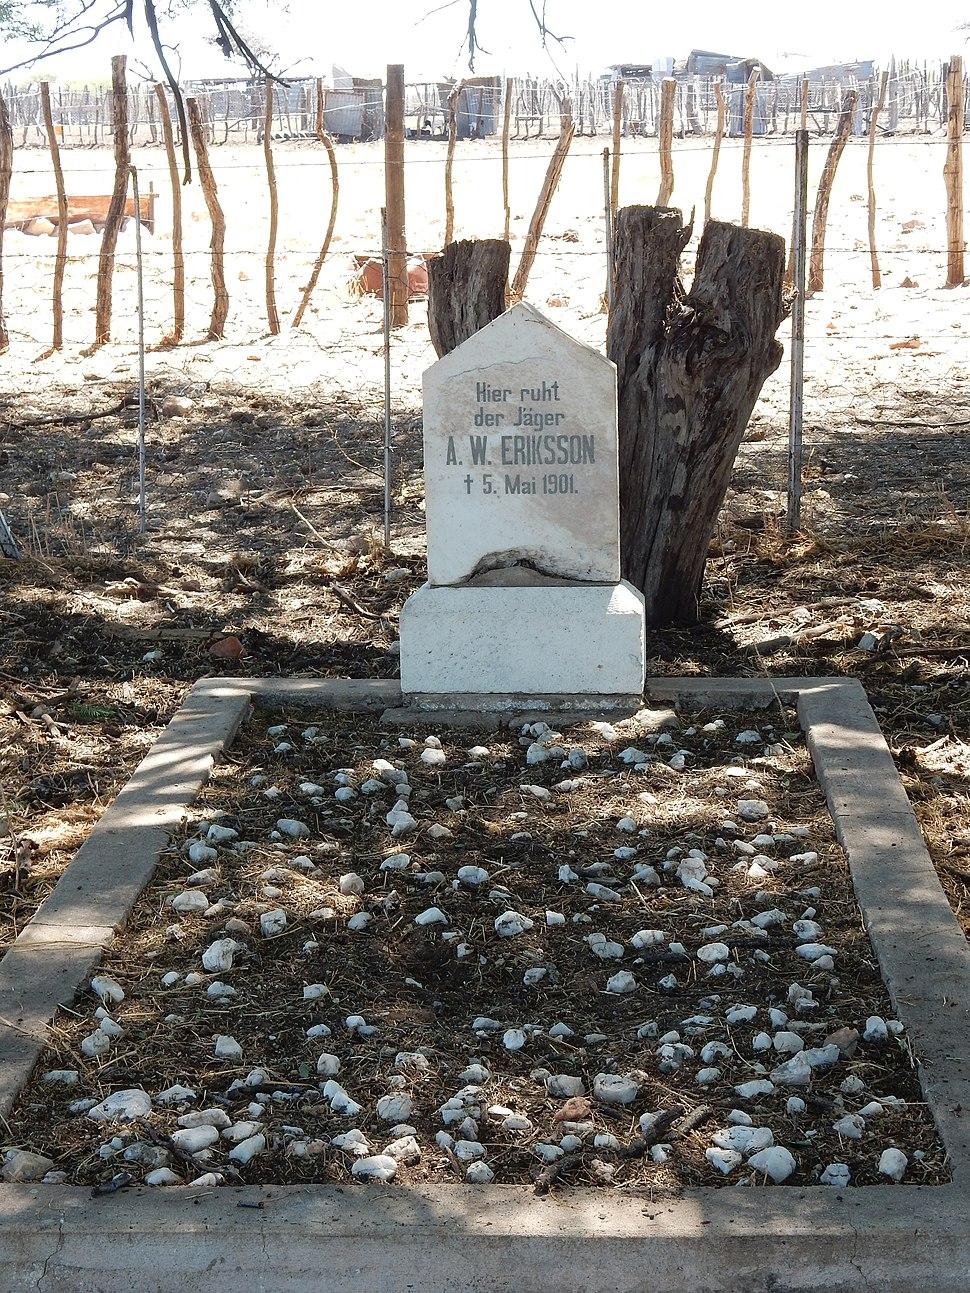 Axel Eriksson%27s grave